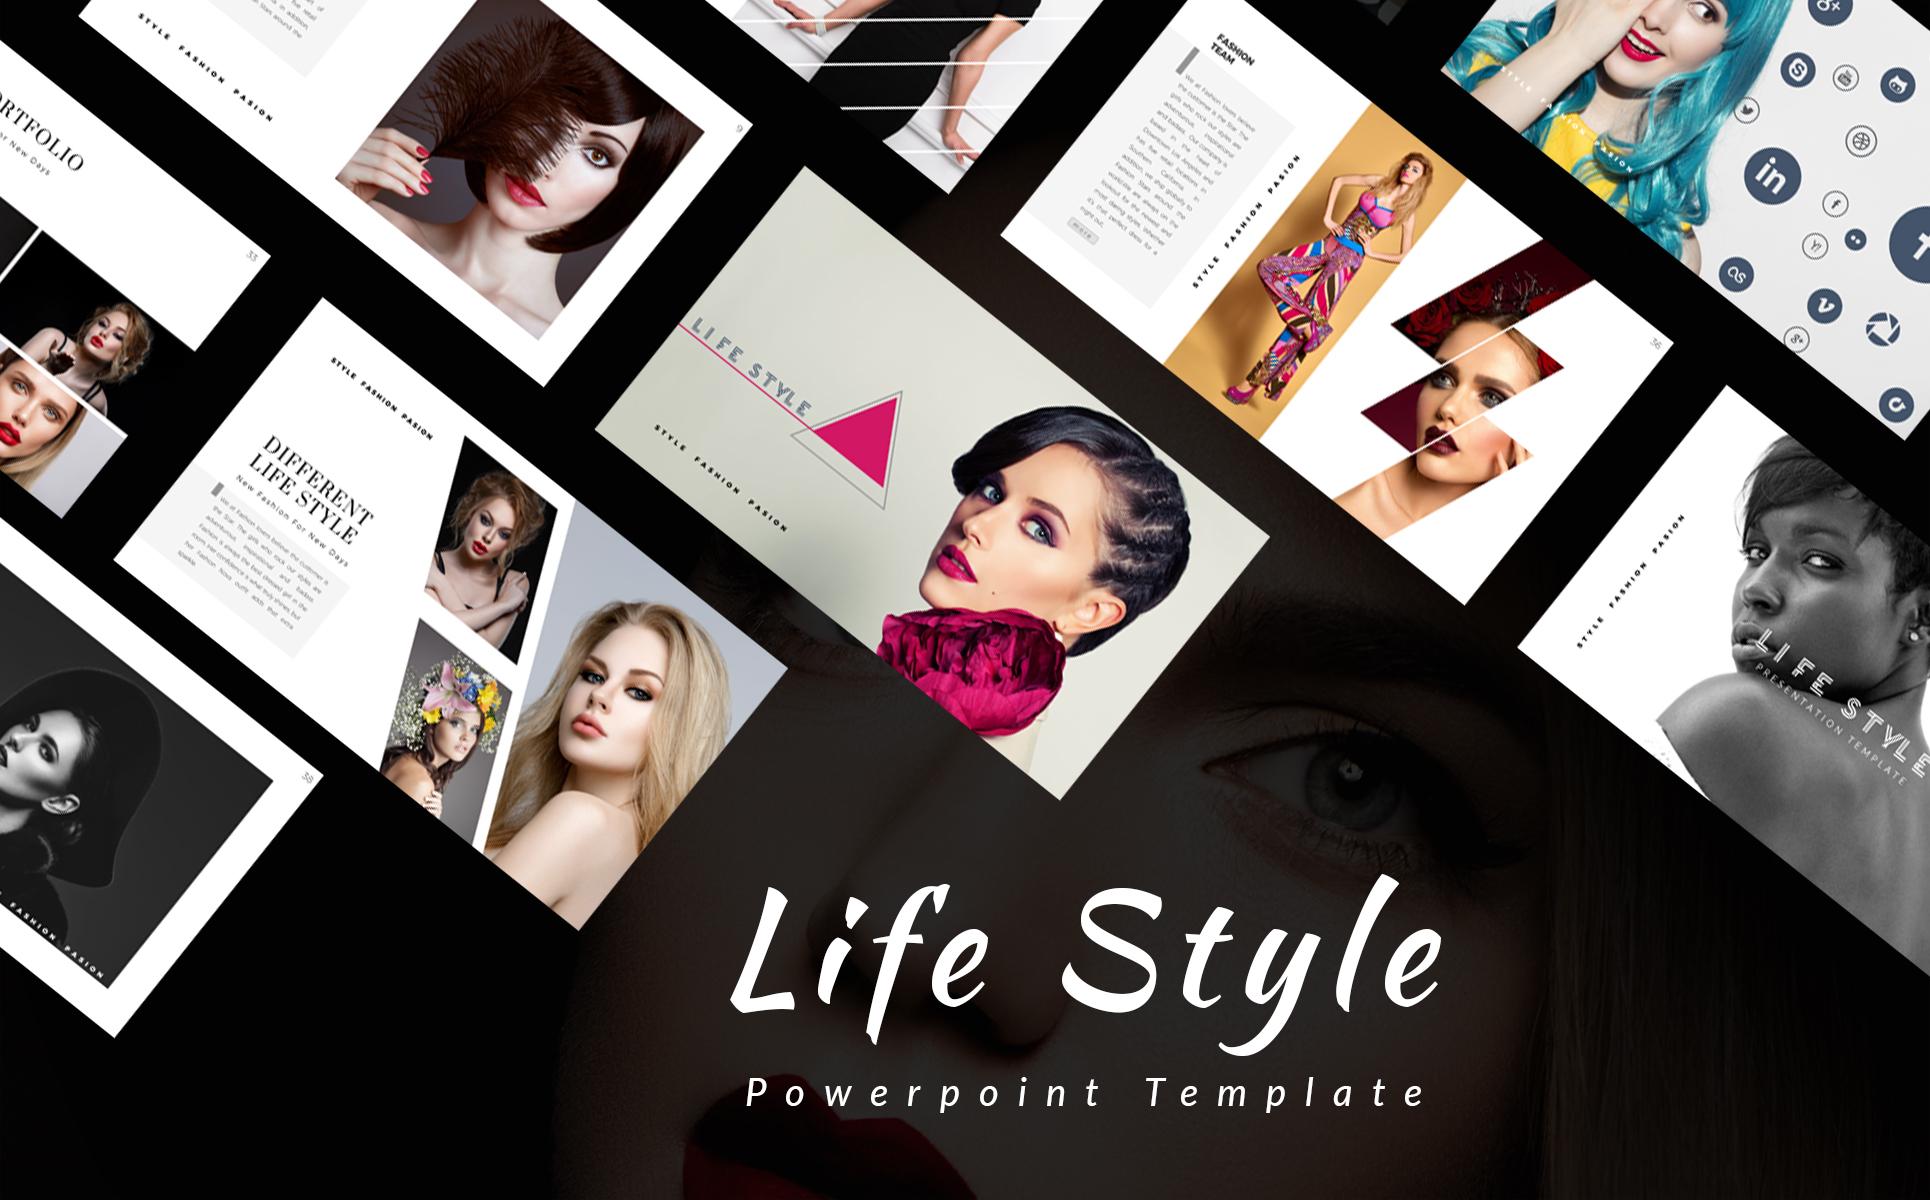 Life style presentation powerpoint template 66096 zoom in toneelgroepblik Gallery